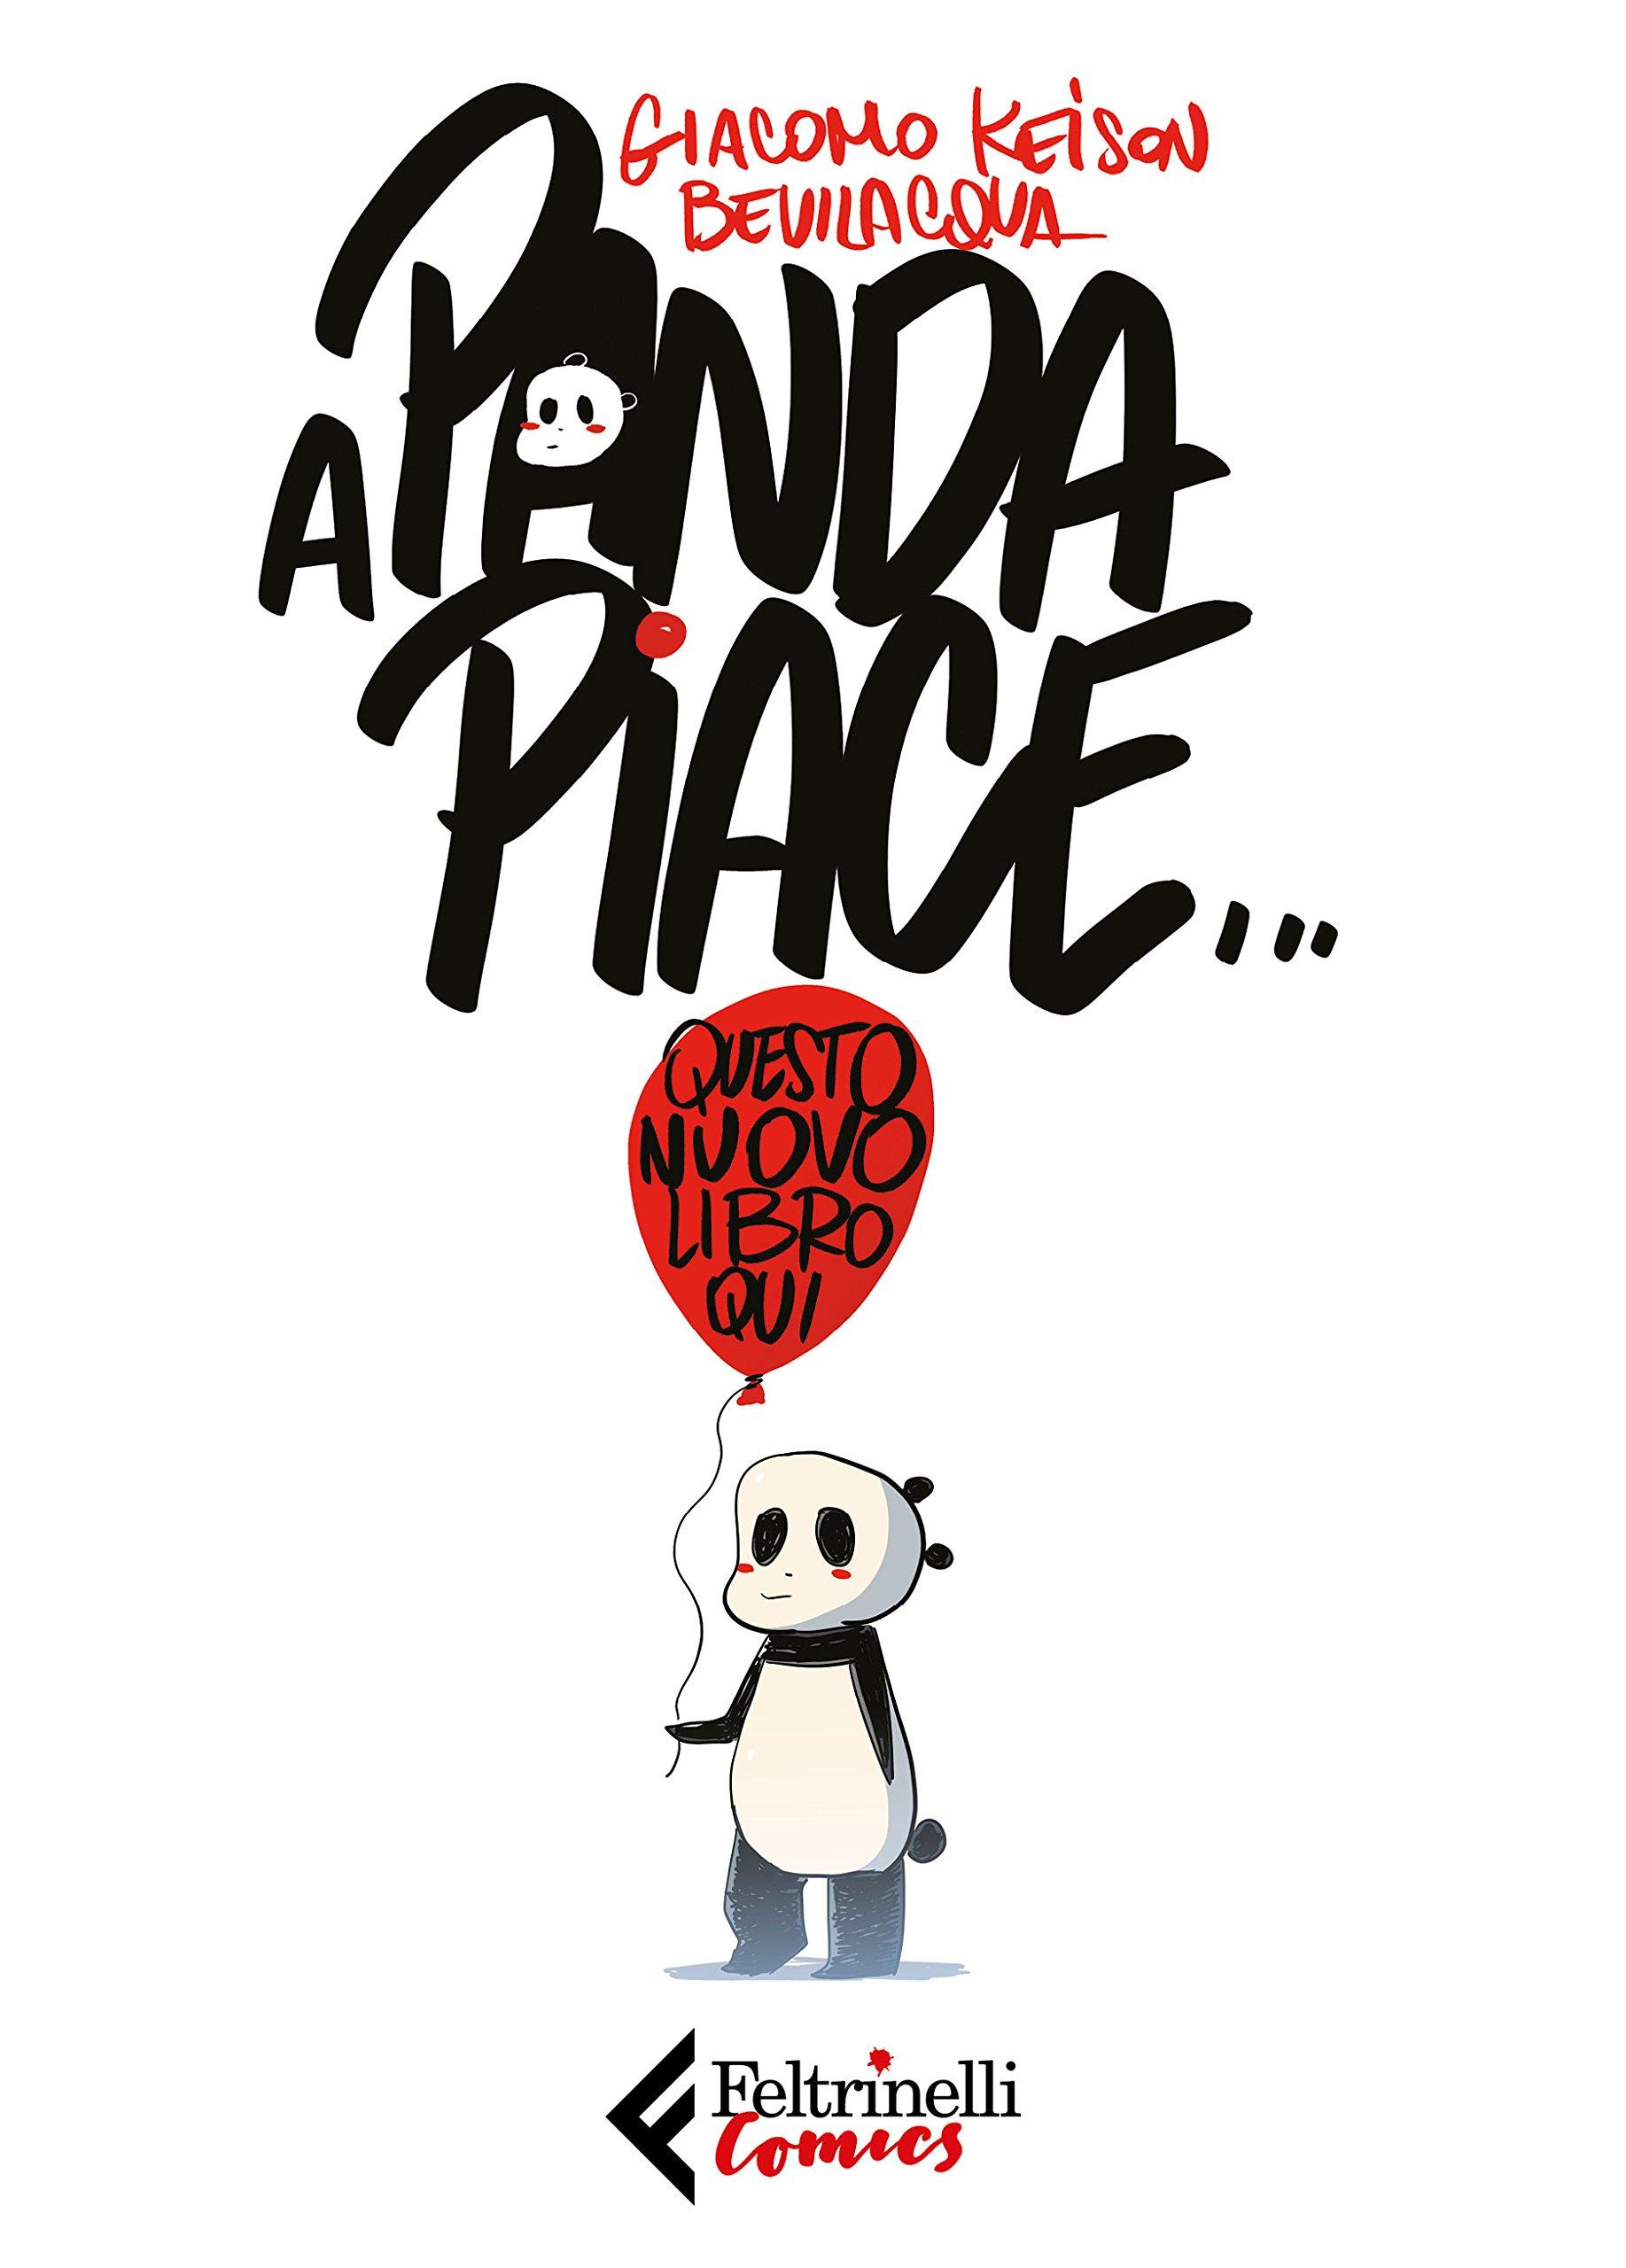 La copertina dell'ultima opera di Giacomo Bevilacqua, anche questa scaricabile presto con #aCasaFeltrinelliComics